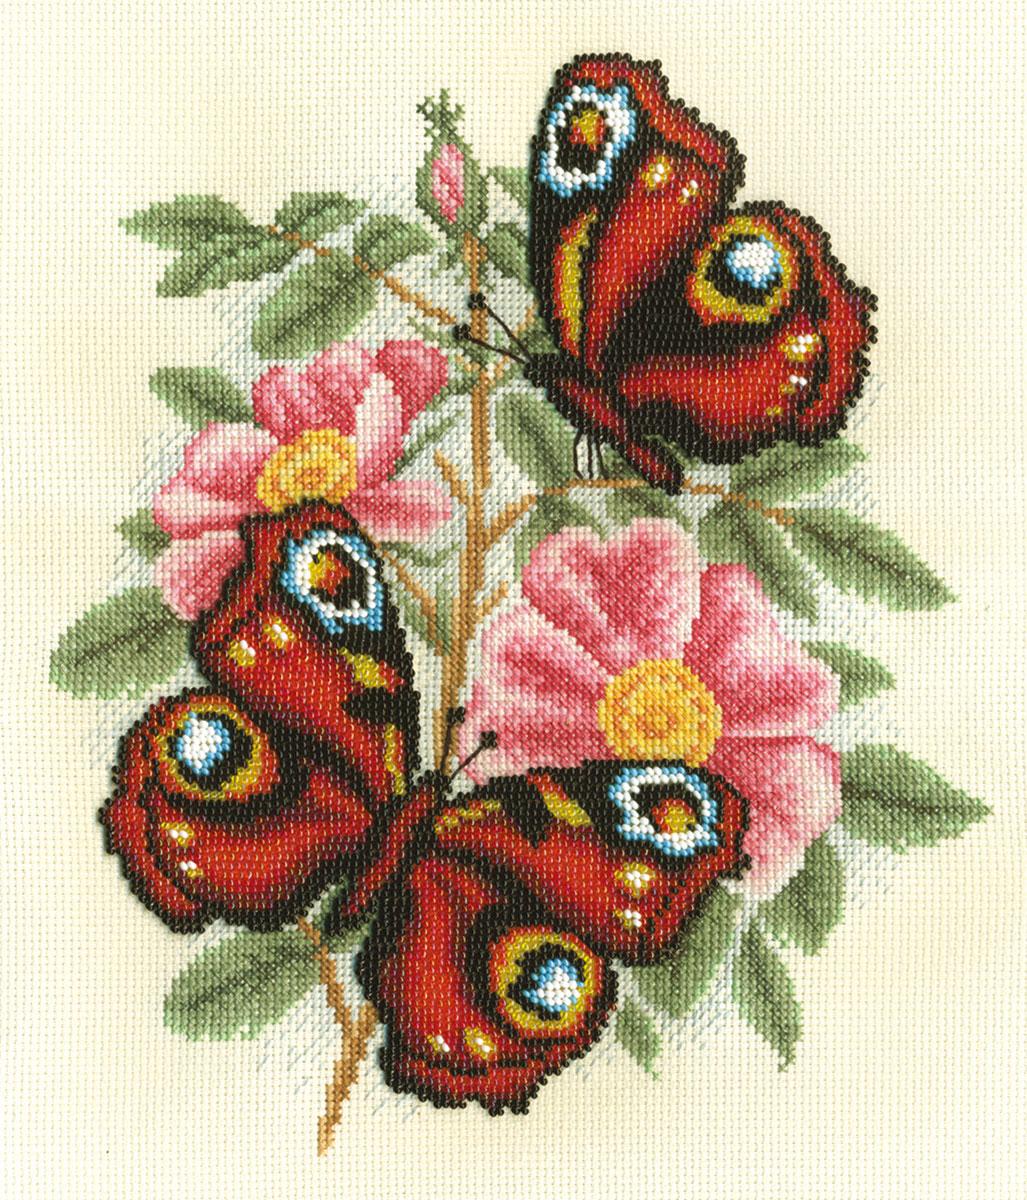 Купить Набор для вышивания PANNA Душистый шиповник , Gamma, Россия